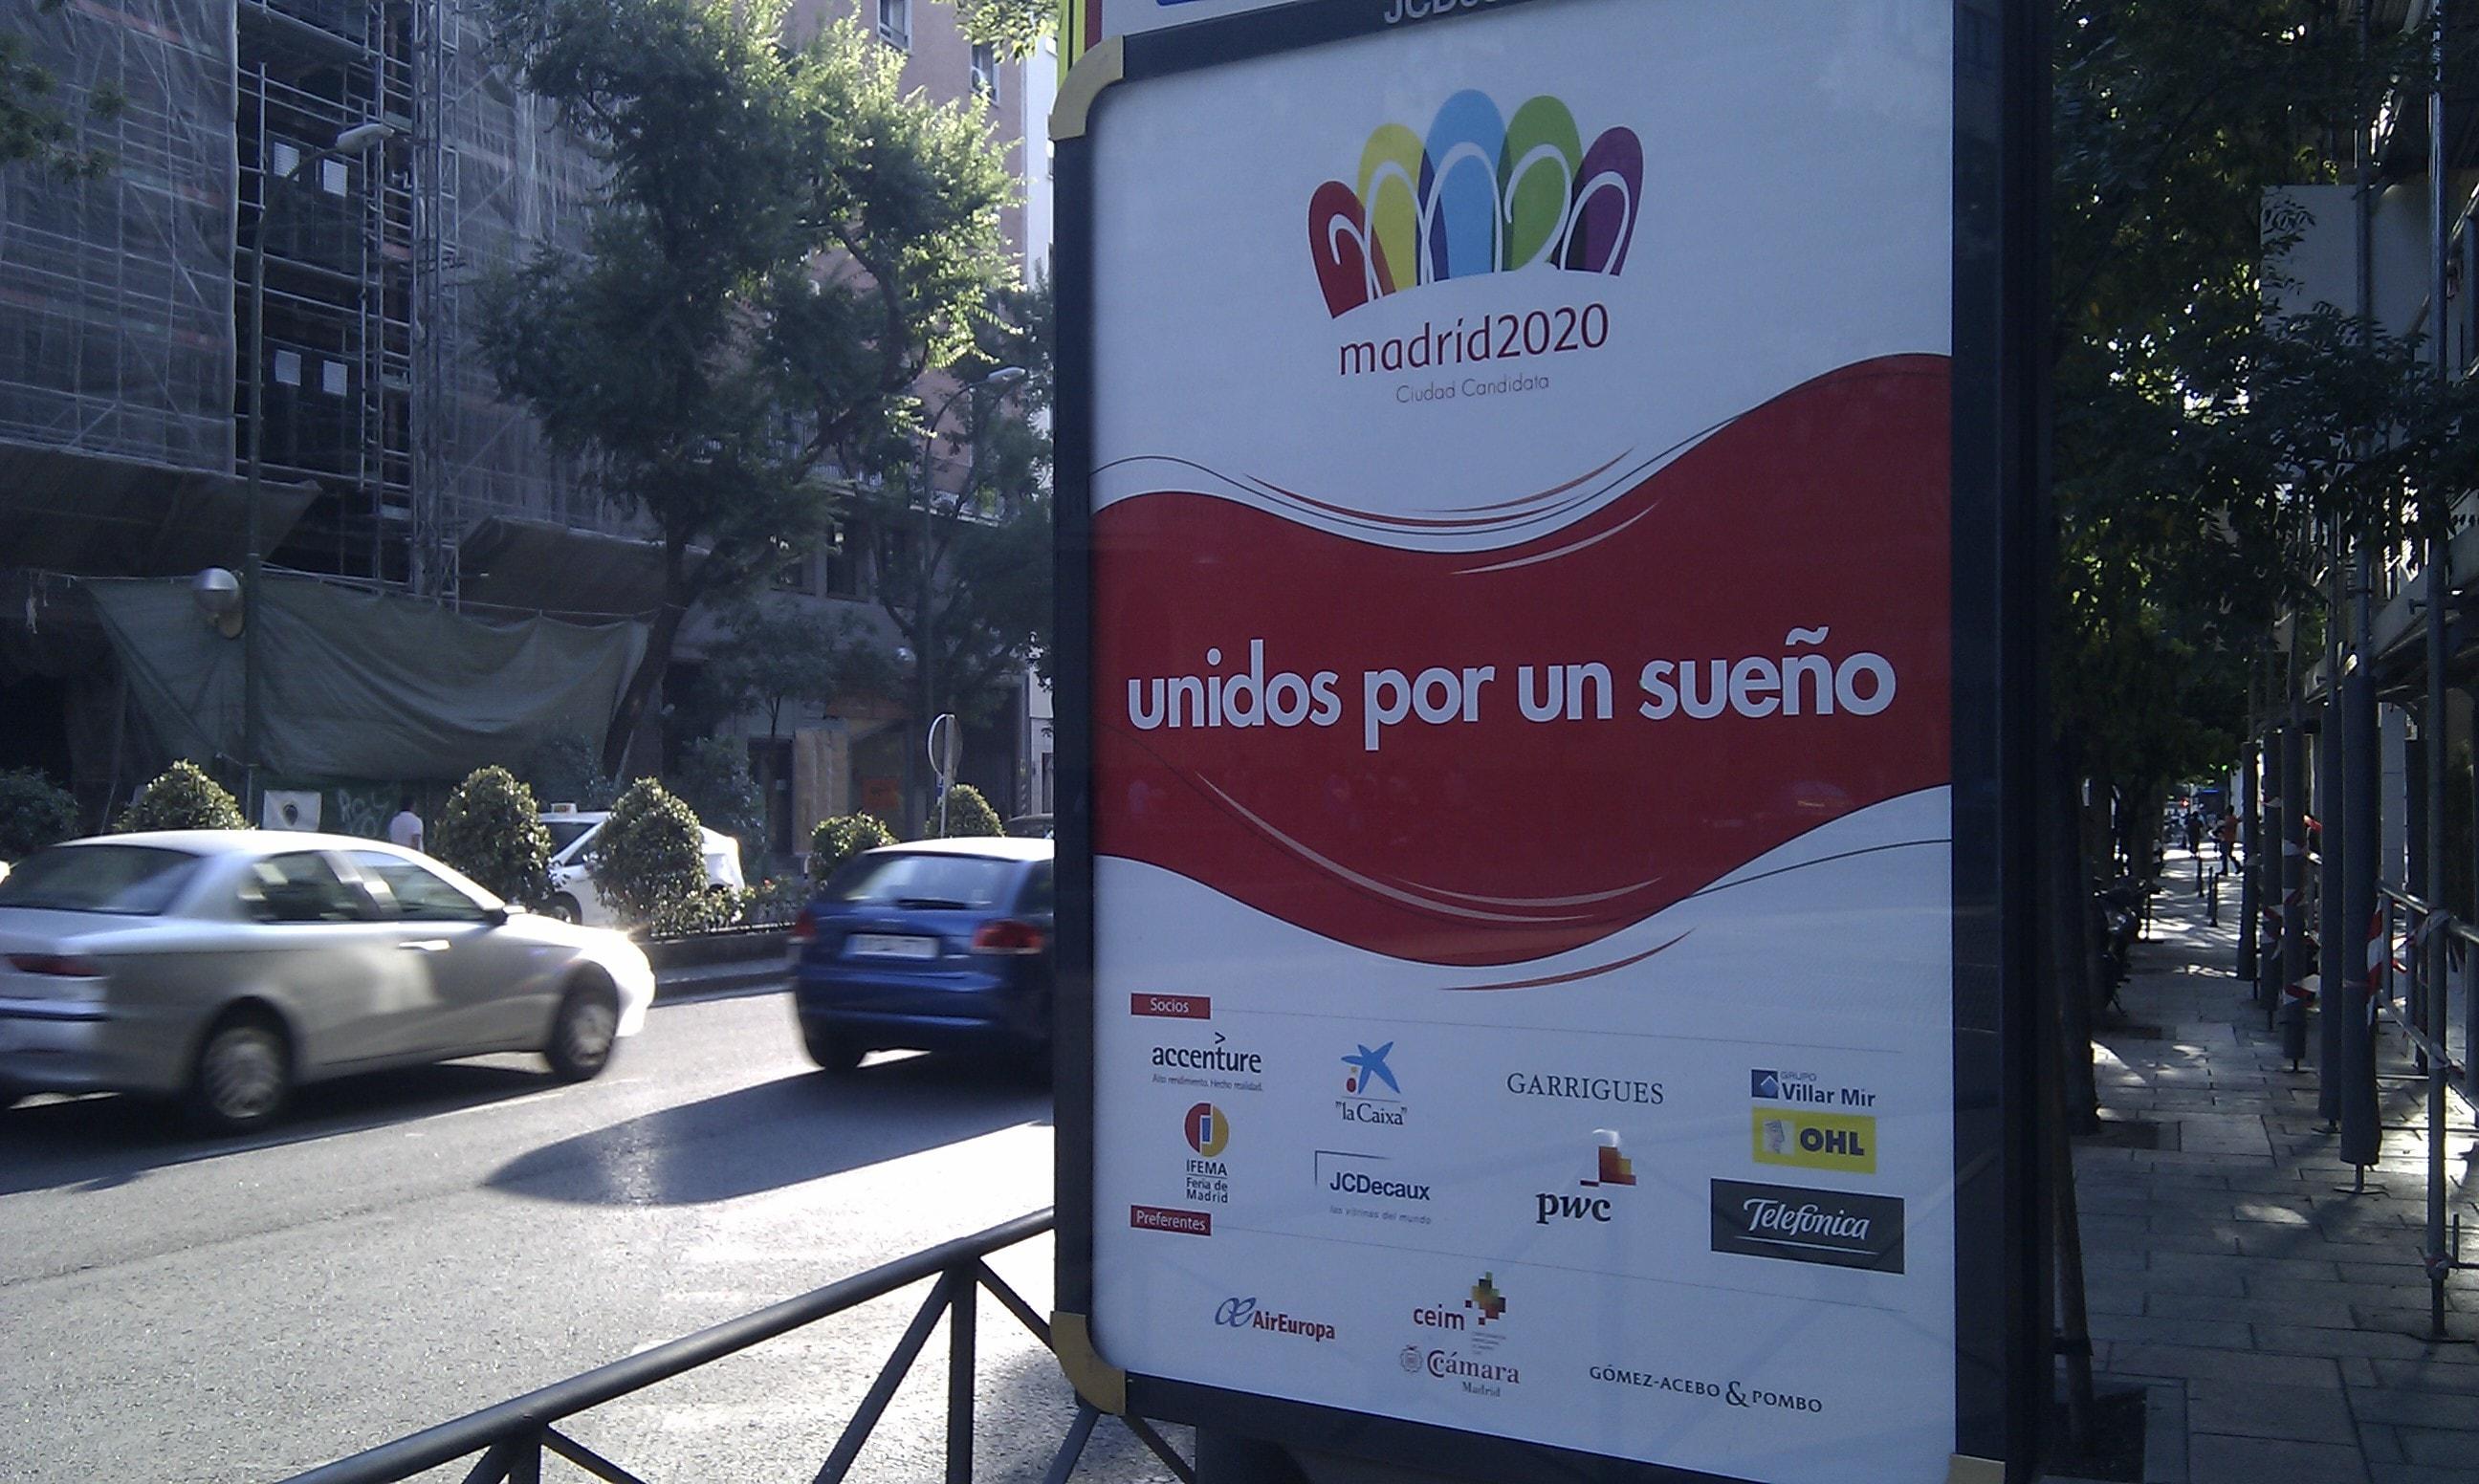 Mupi campaña candidatura de Madrid como ciudad olímpica 2020.